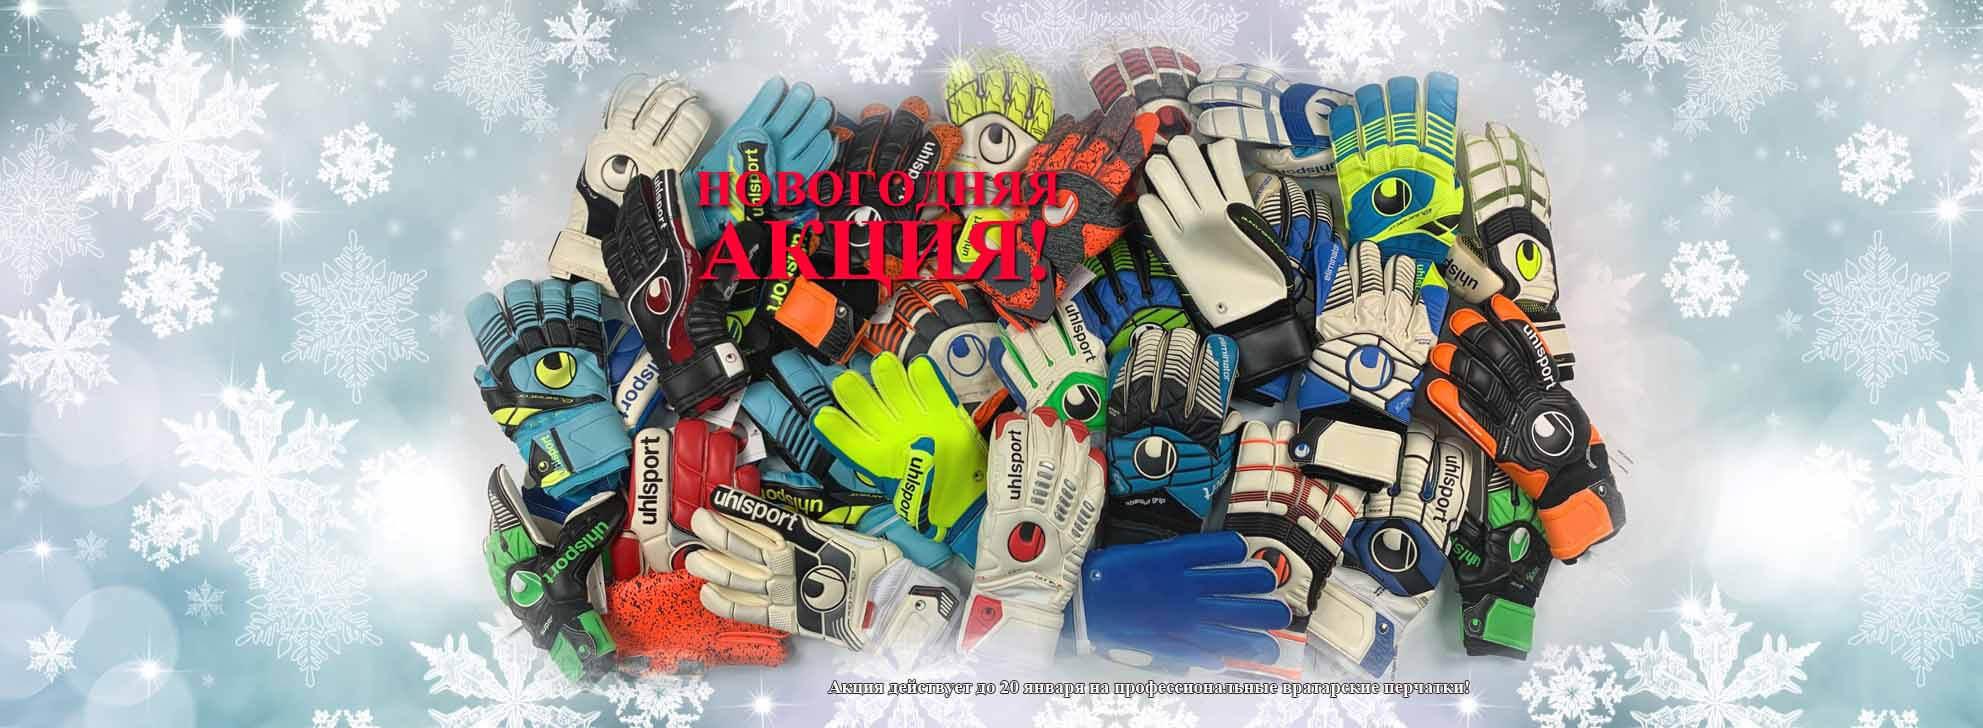 Новогодние скидки uhlsport Украина